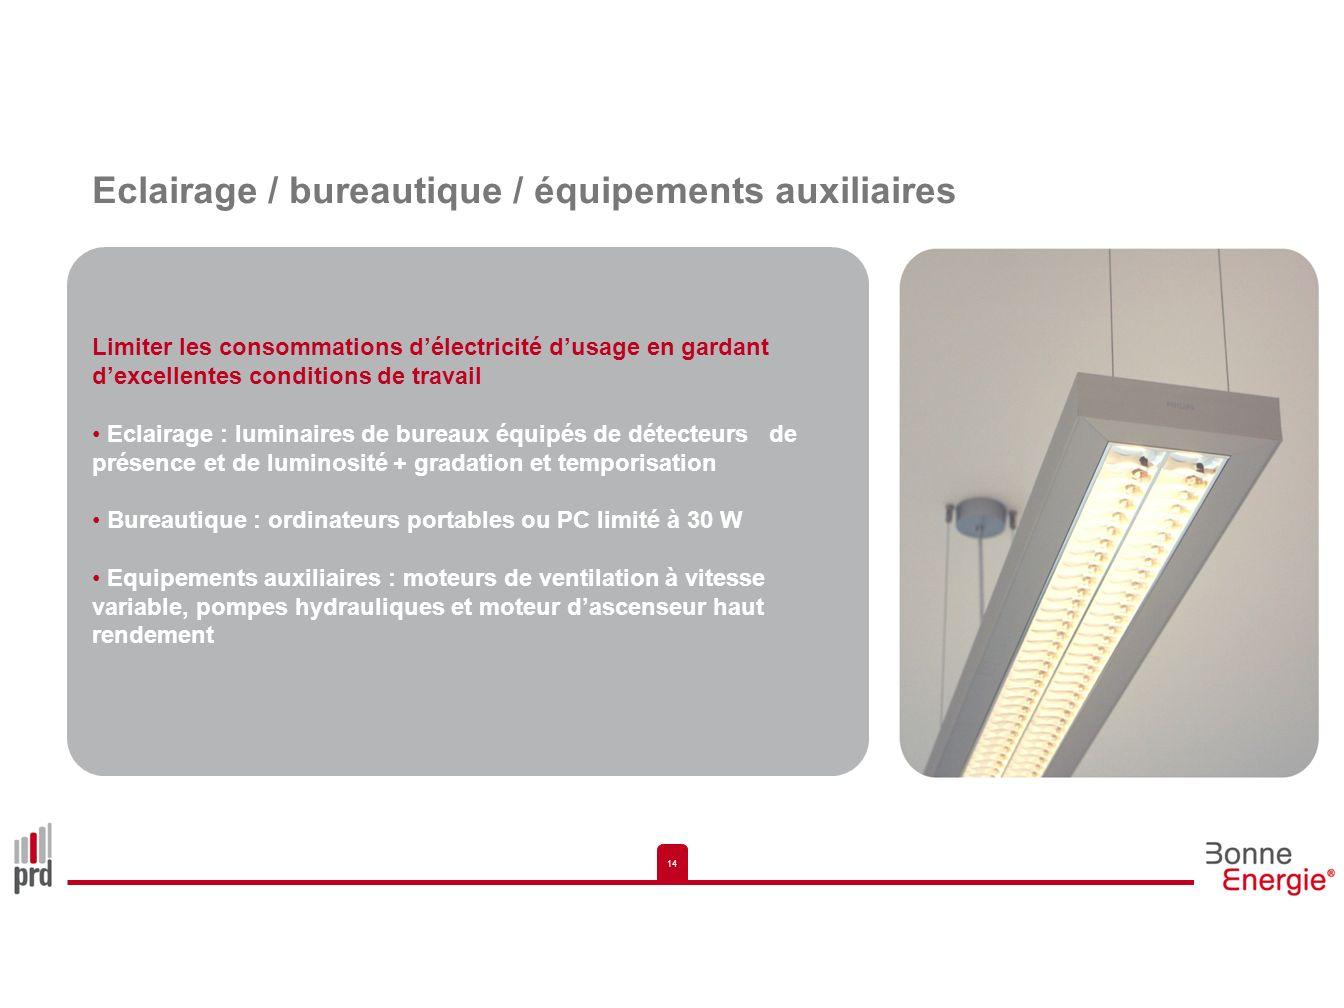 Eclairage / bureautique / équipements auxiliaires